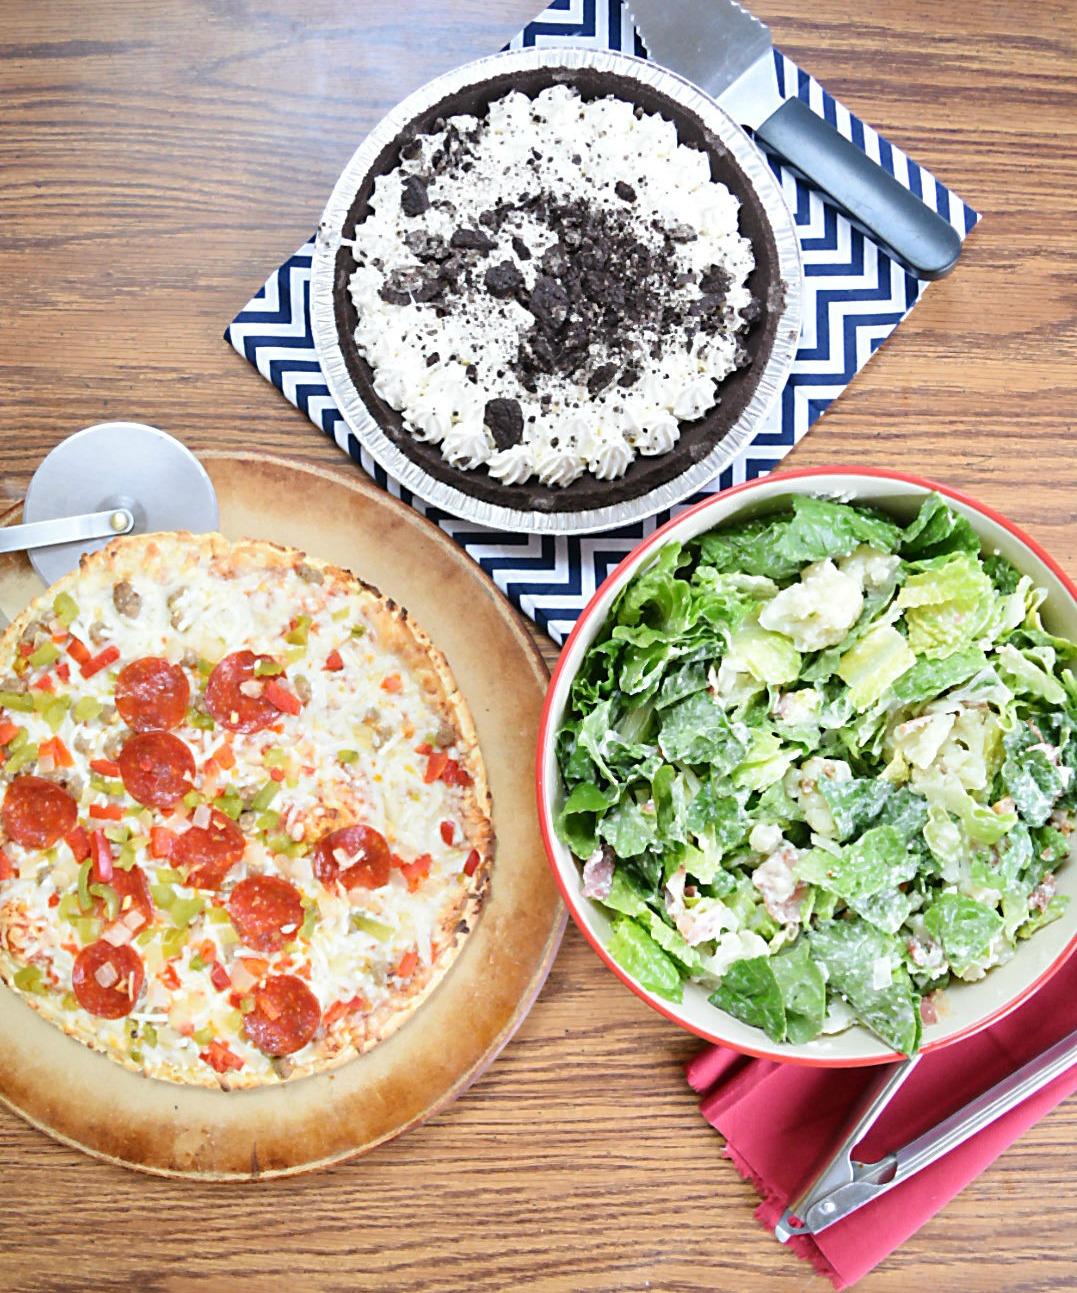 pizzapieandsalad